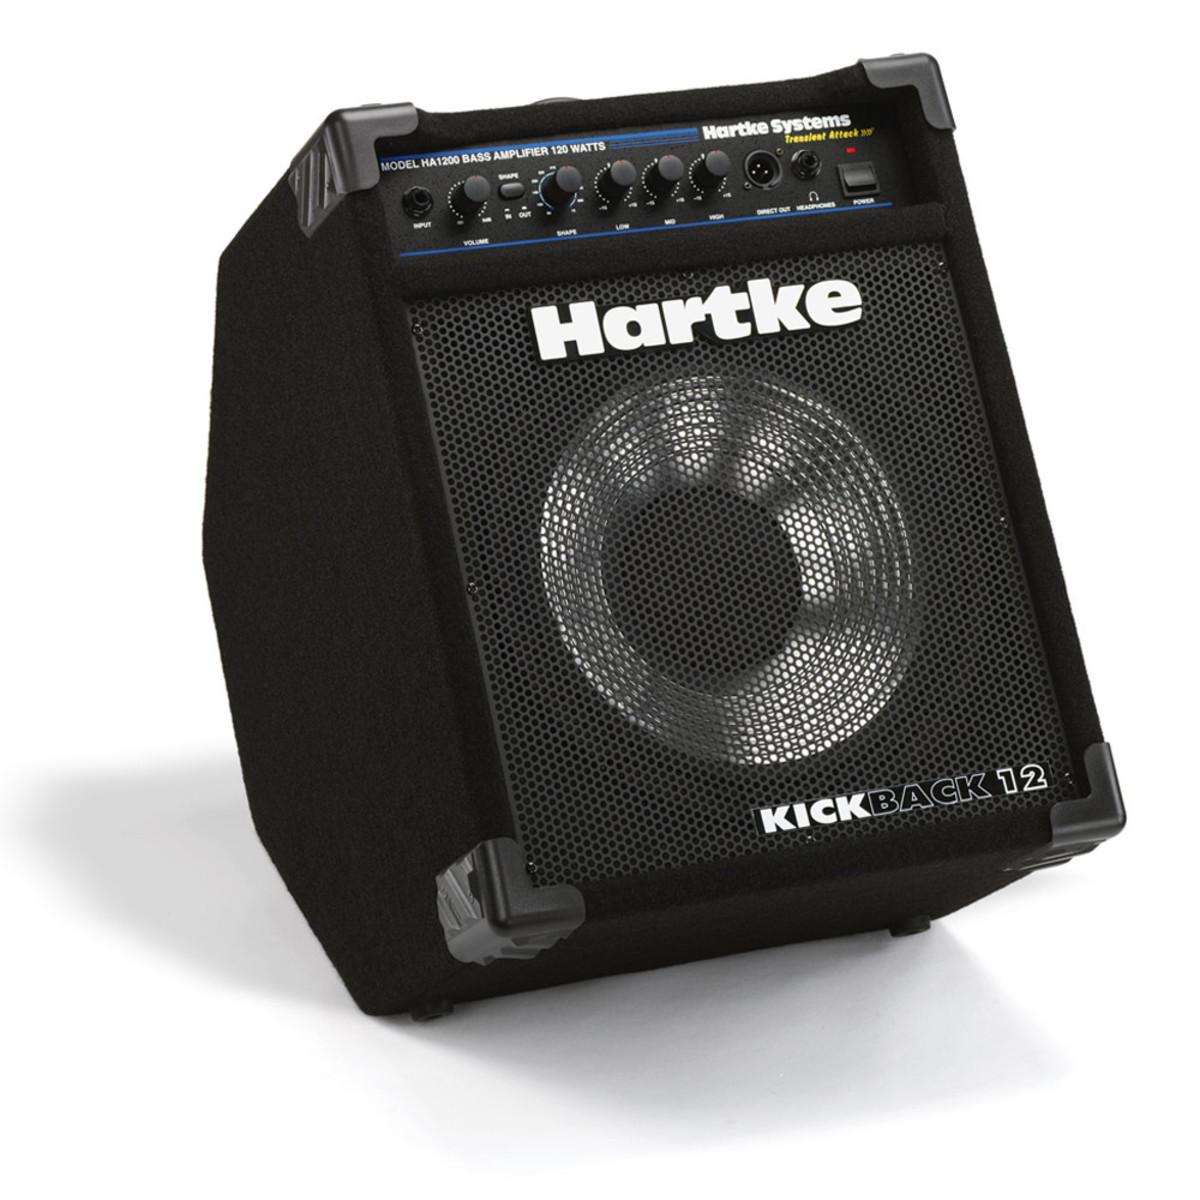 hartke kickback kb12 bass combo at. Black Bedroom Furniture Sets. Home Design Ideas